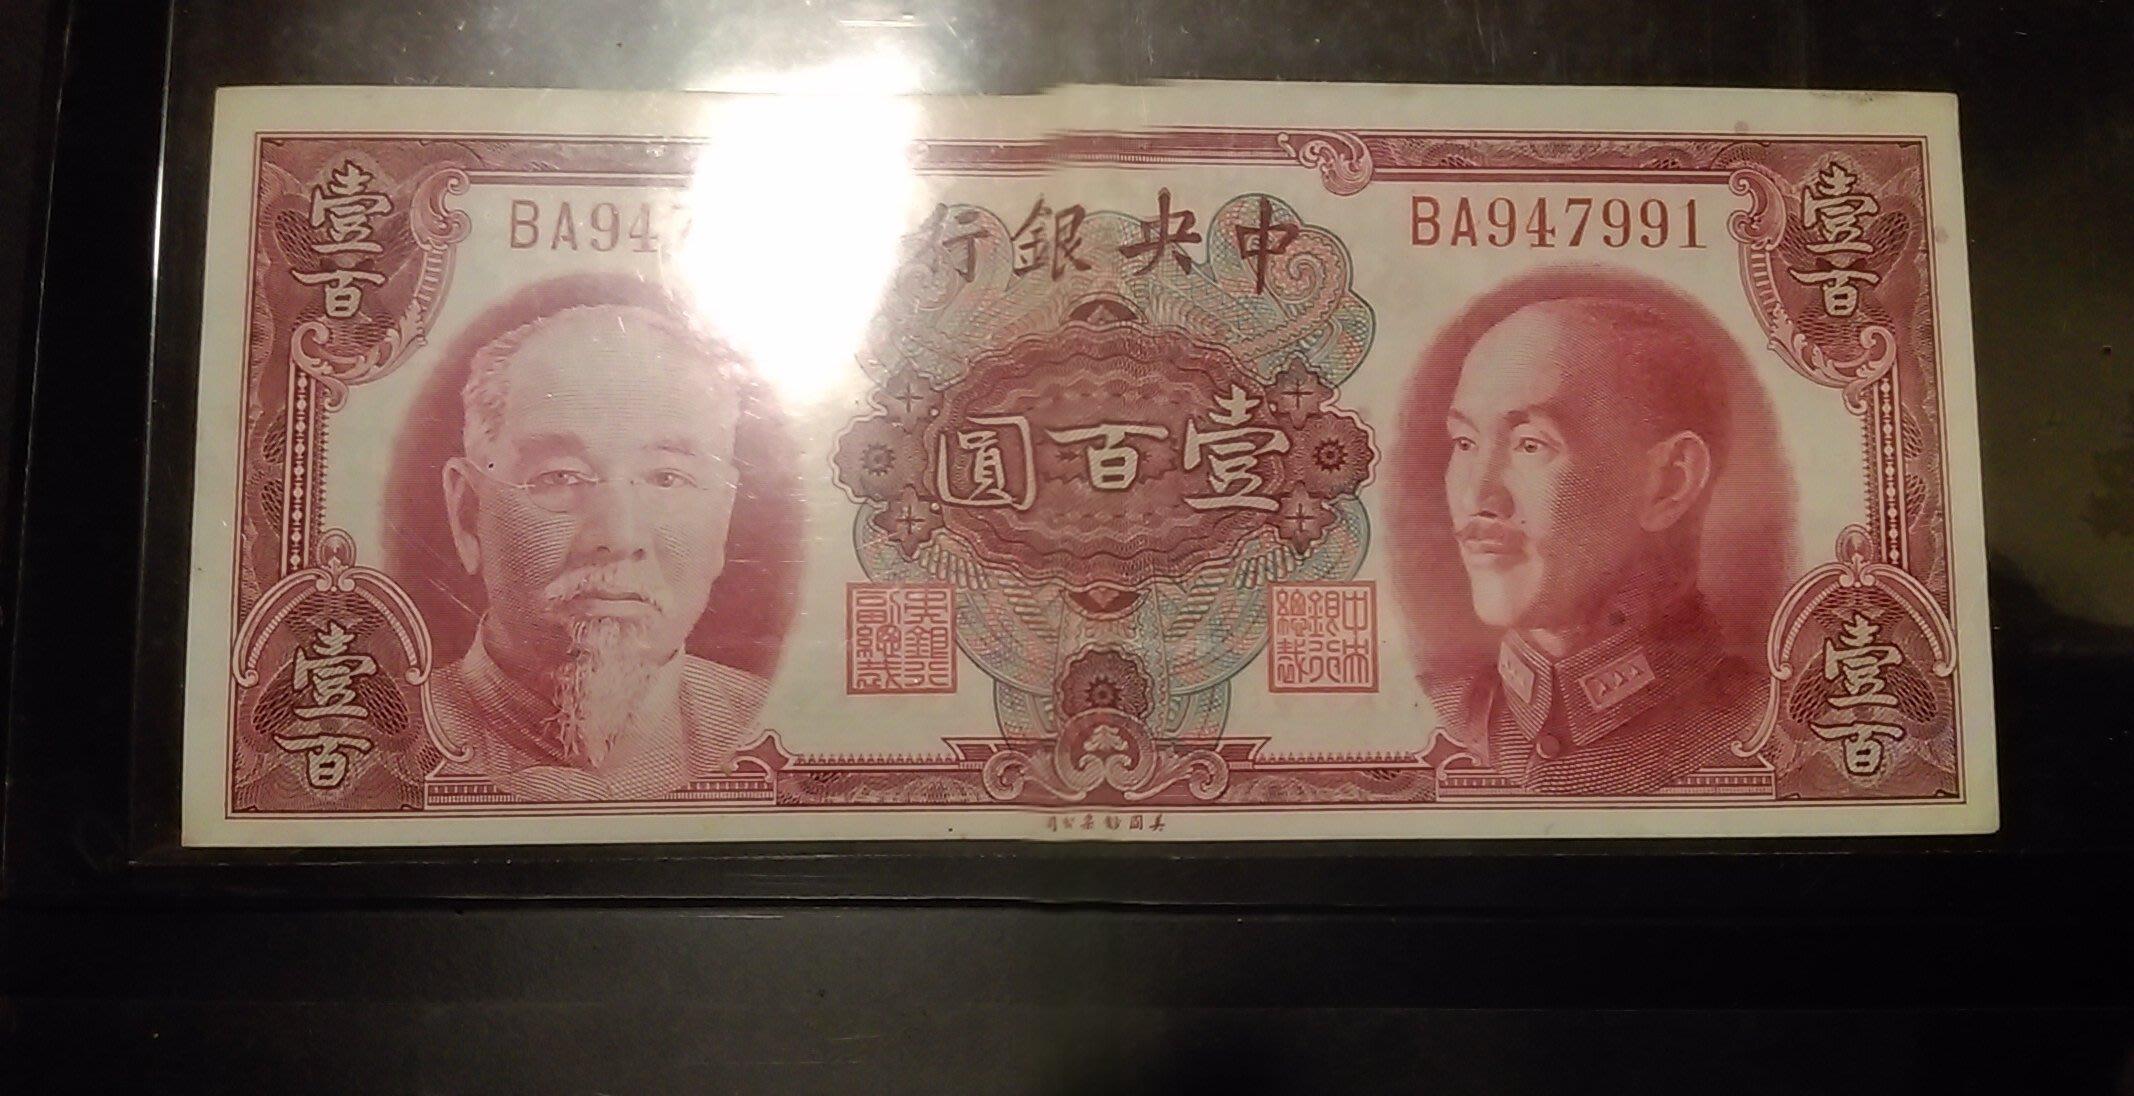 中央銀行金圓劵雙人像100元